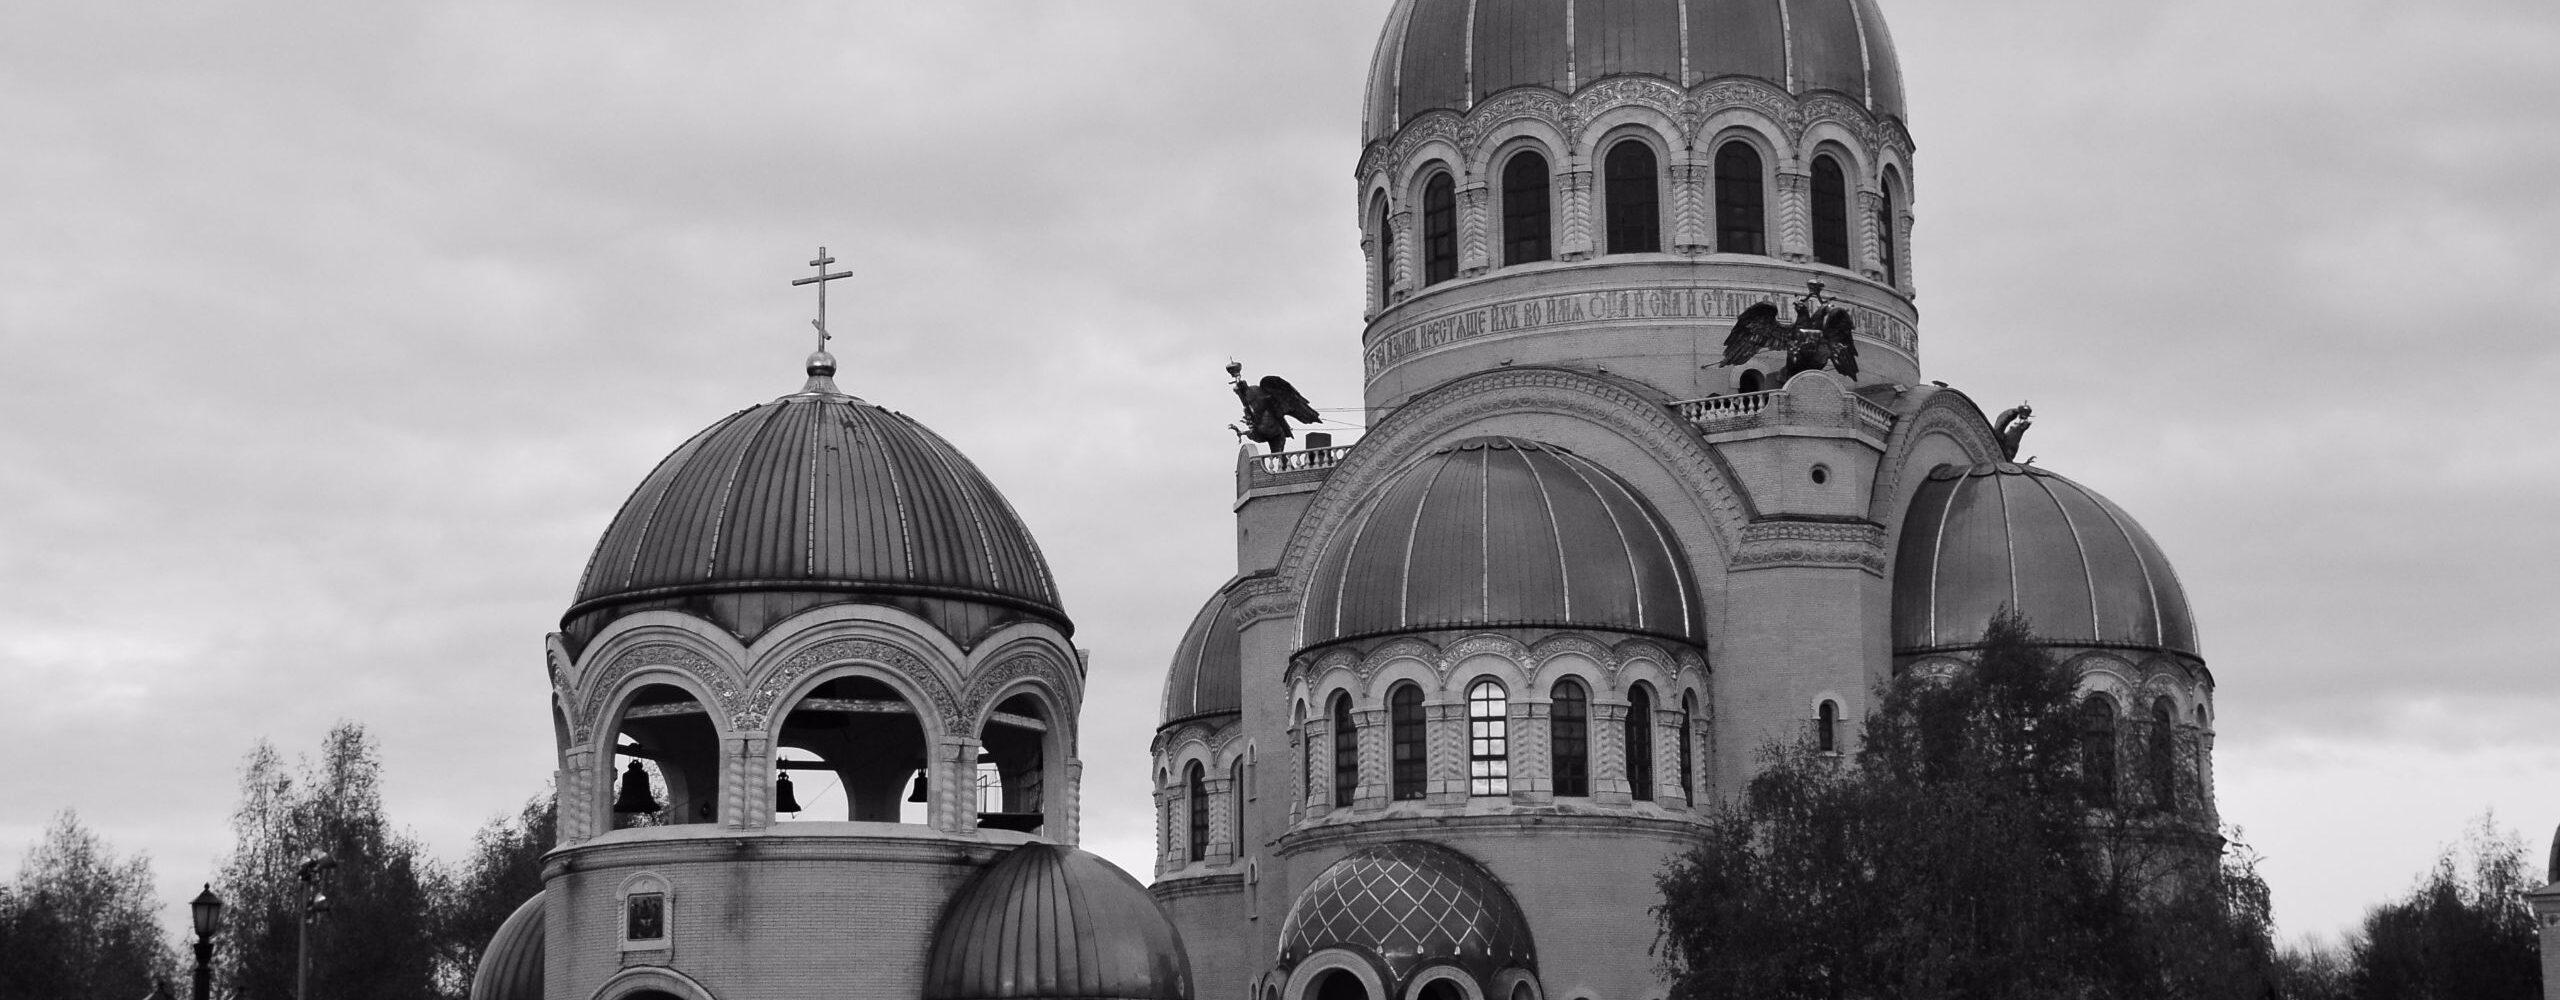 Храм Живоначальной Троицы вОрехово-Борисово впамять тысячелетия Крещения Руси